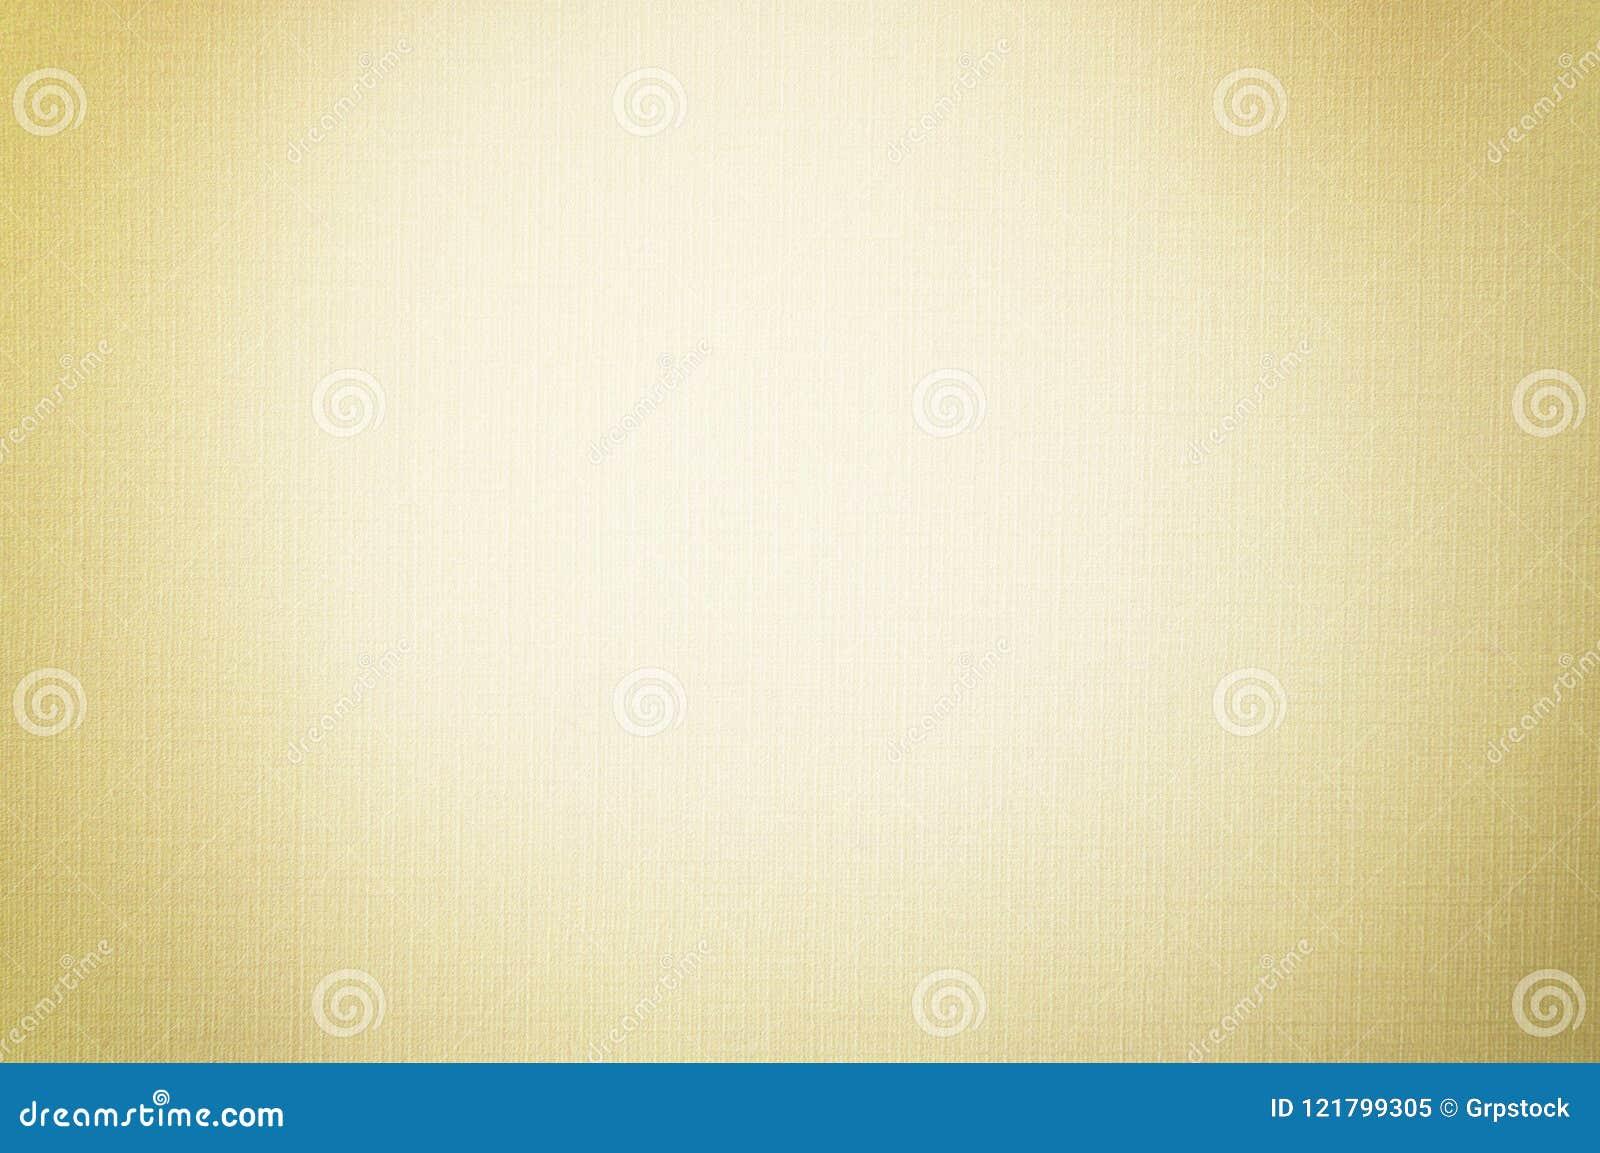 Gouden Pastelkleur met Witte van het van de Achtergrond linnenstof Zachte de Nadrukfoto Document Textuurpatroon, Abstract Art Pap